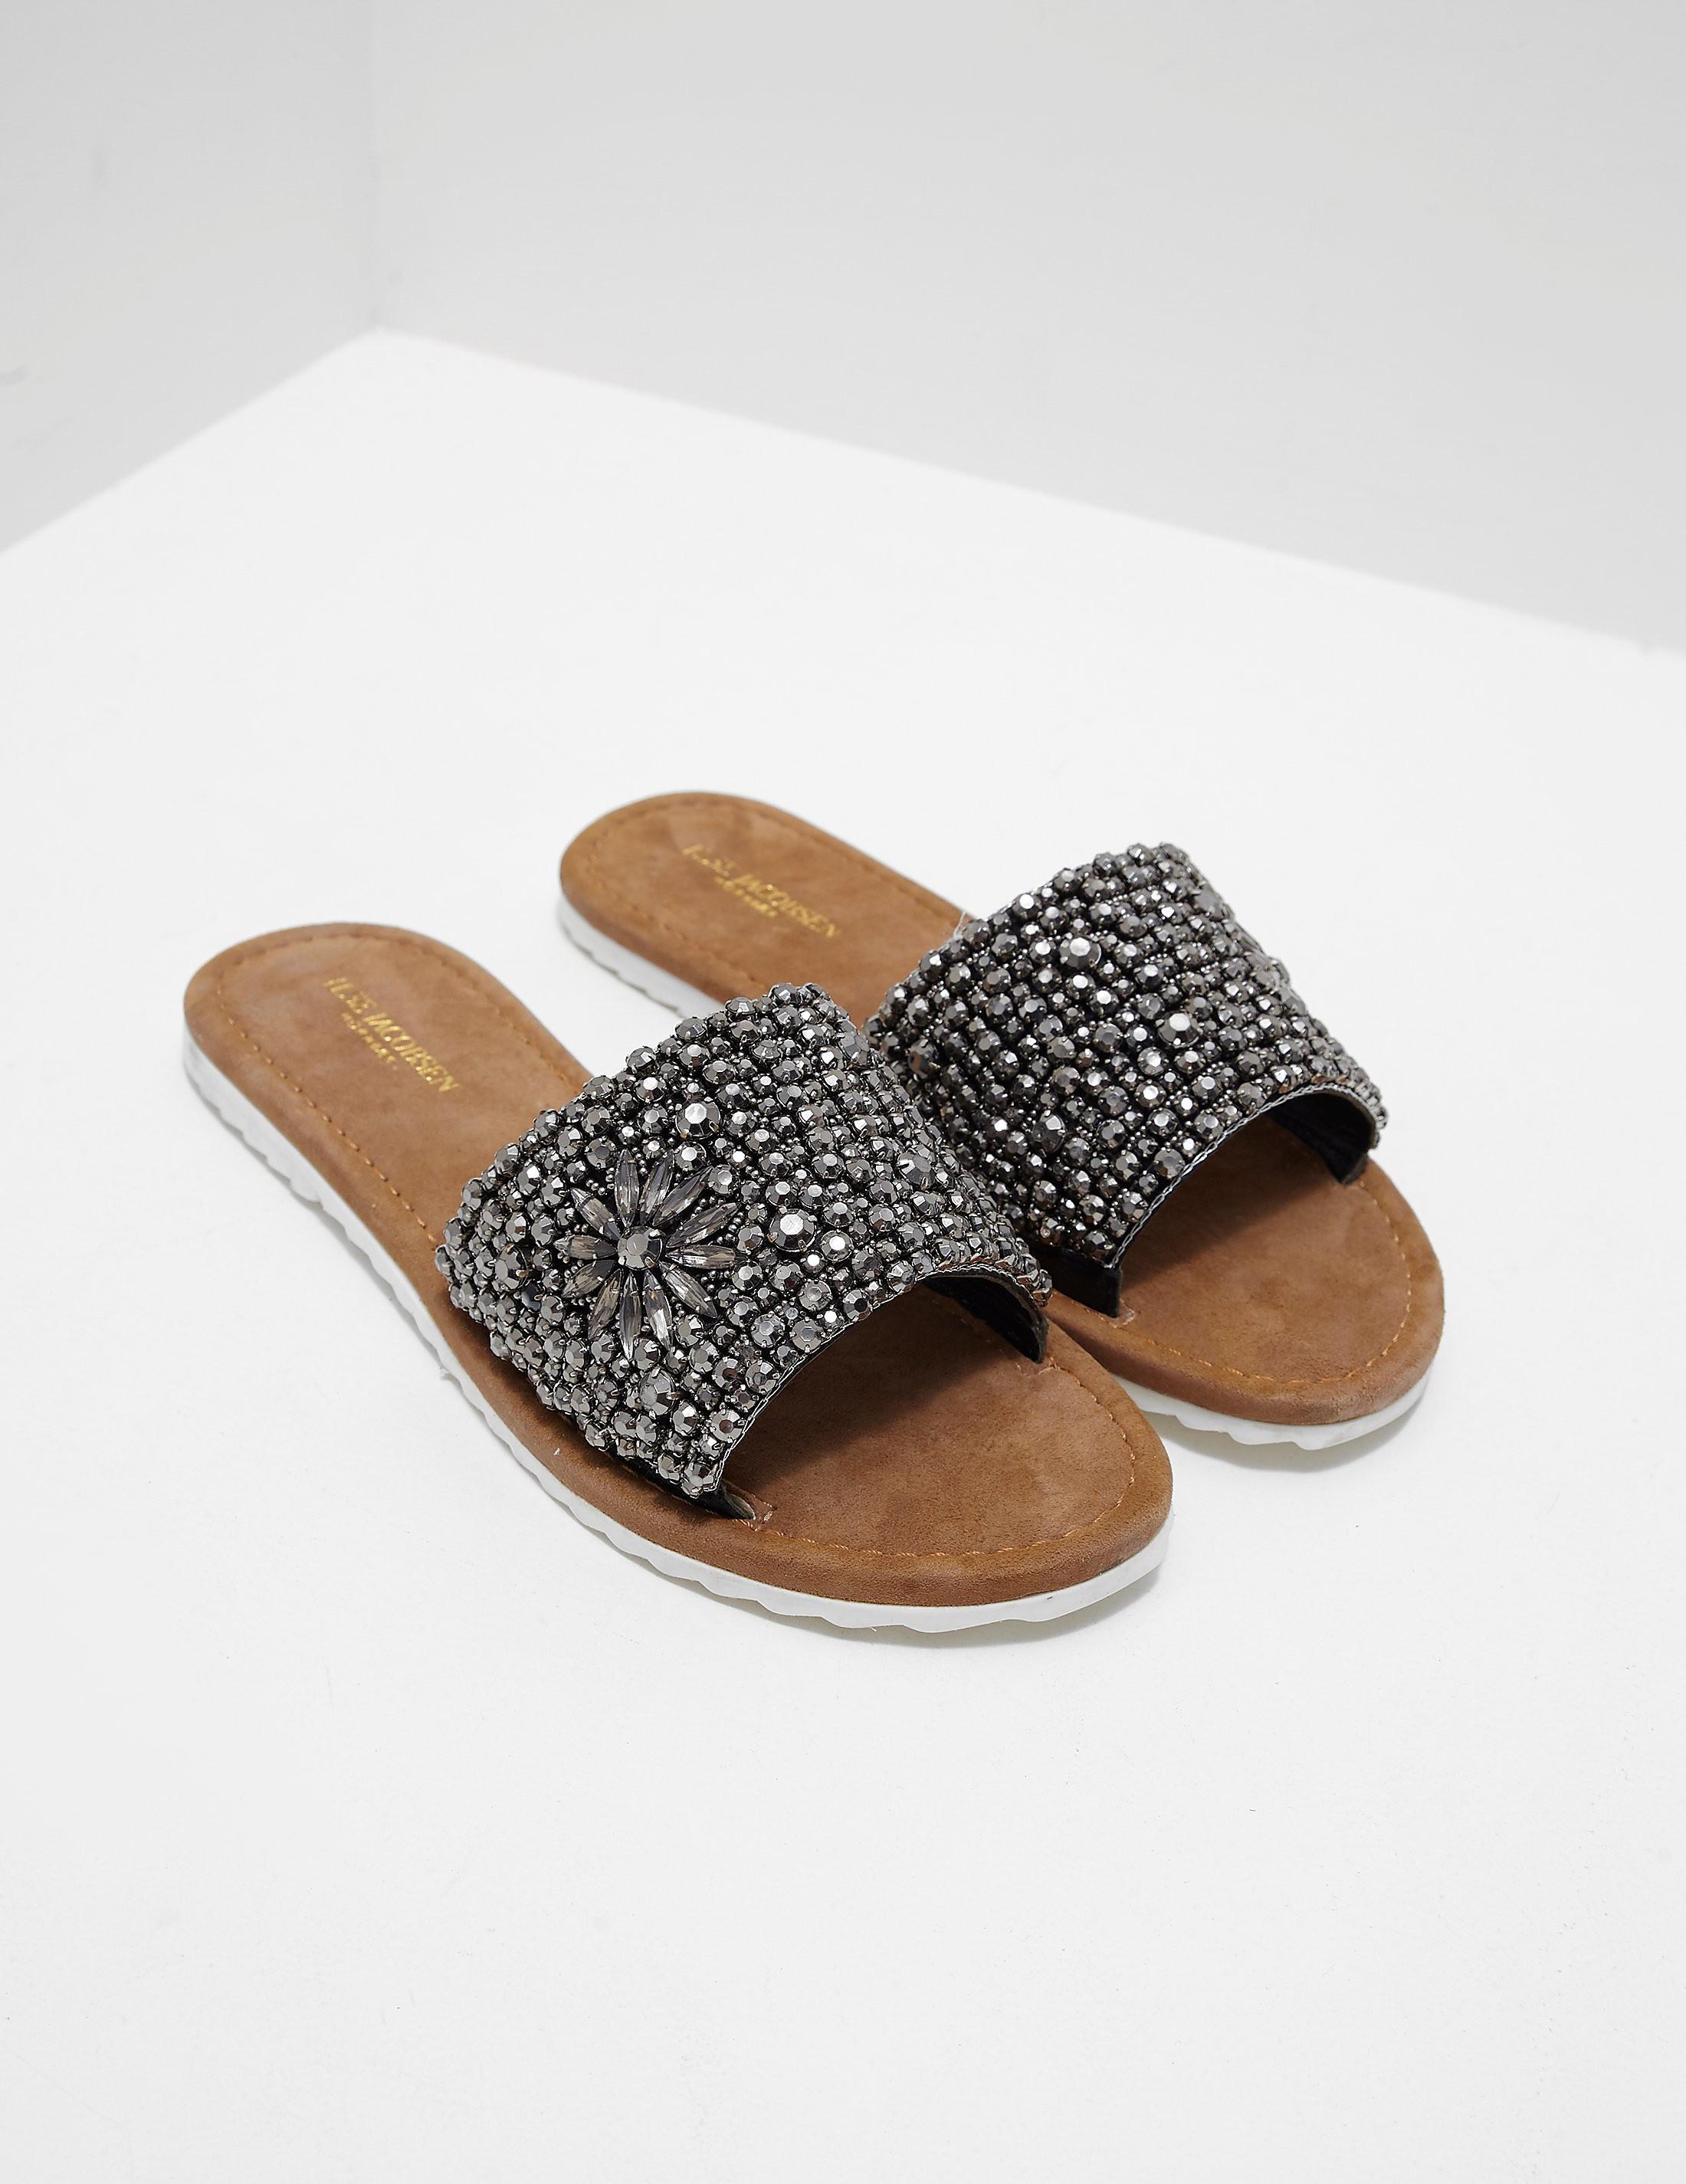 Ilse Jacobsen Sparkle Sandals - Online Exclusive